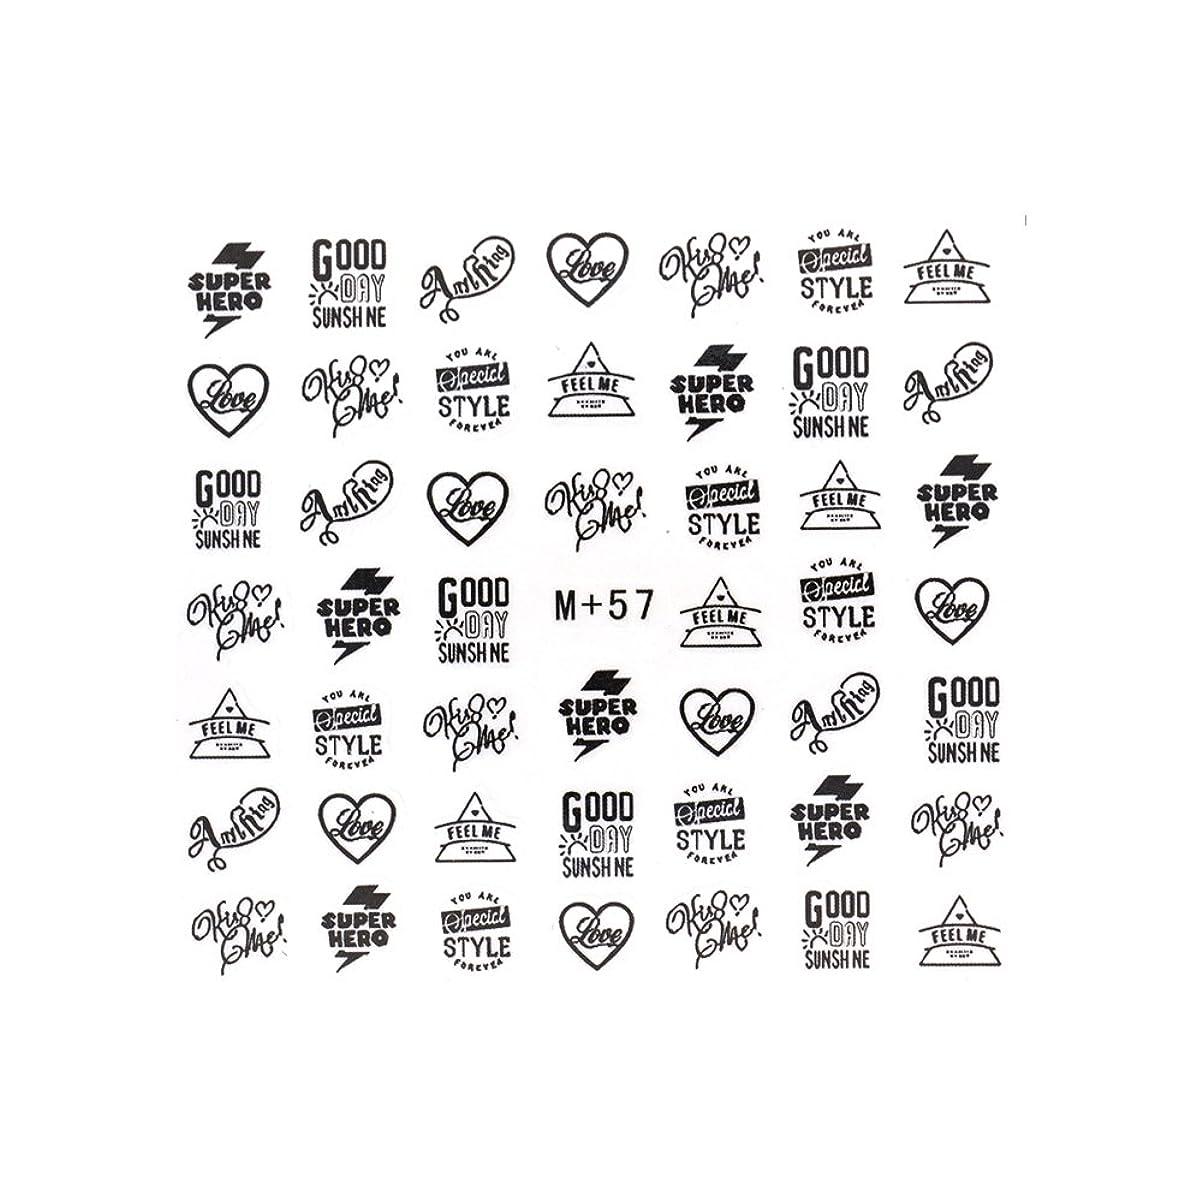 毎月クラウド波スタンププリントネイルシール 【M+57】ネイルシール ウォーターネイルシール ロゴ スタンプ マーク ネイルアート ジェルネイル